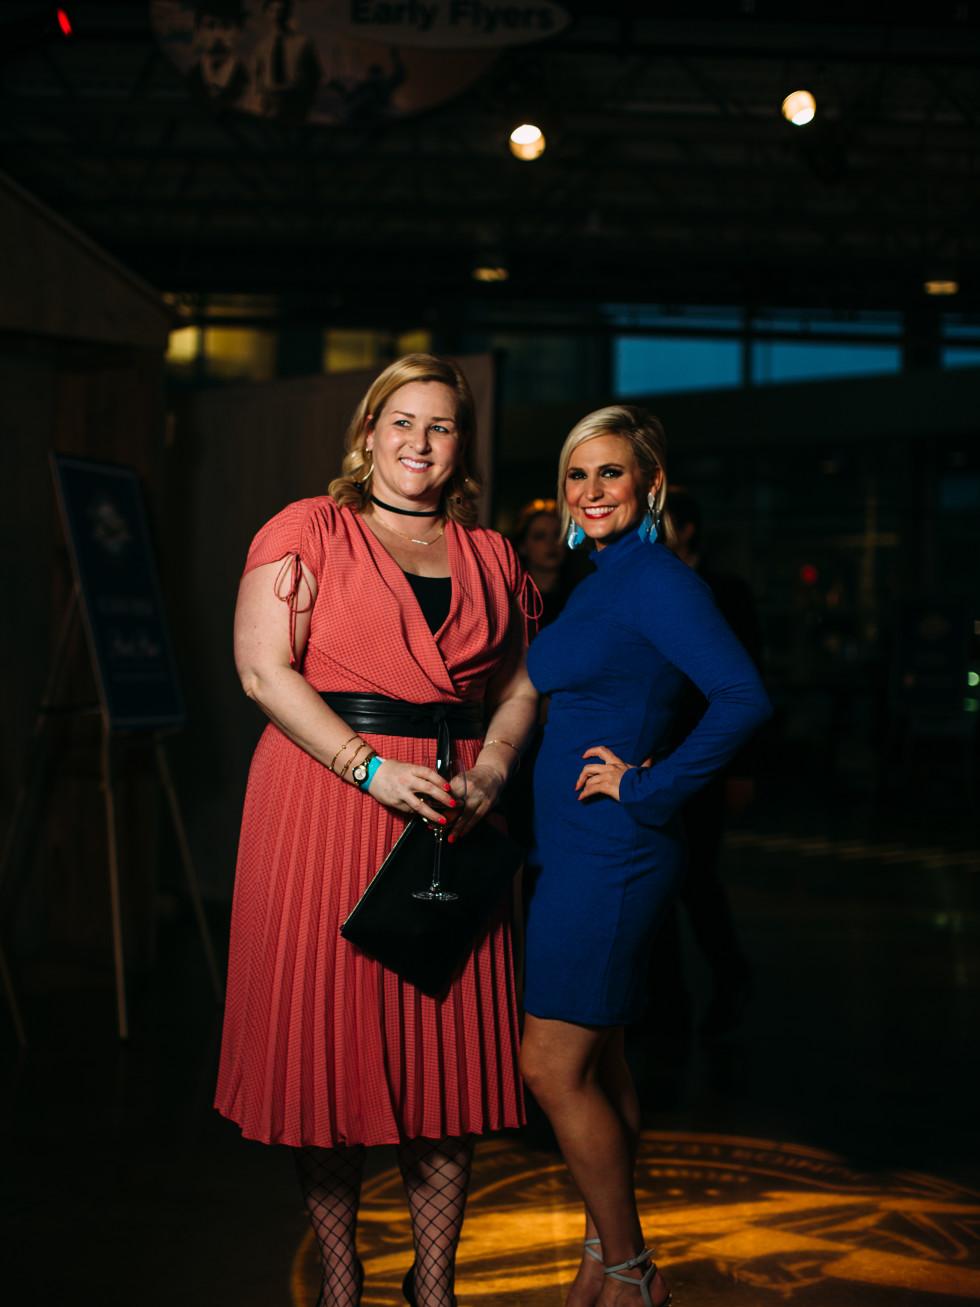 Sarah Donahu, Katie Crnkovich